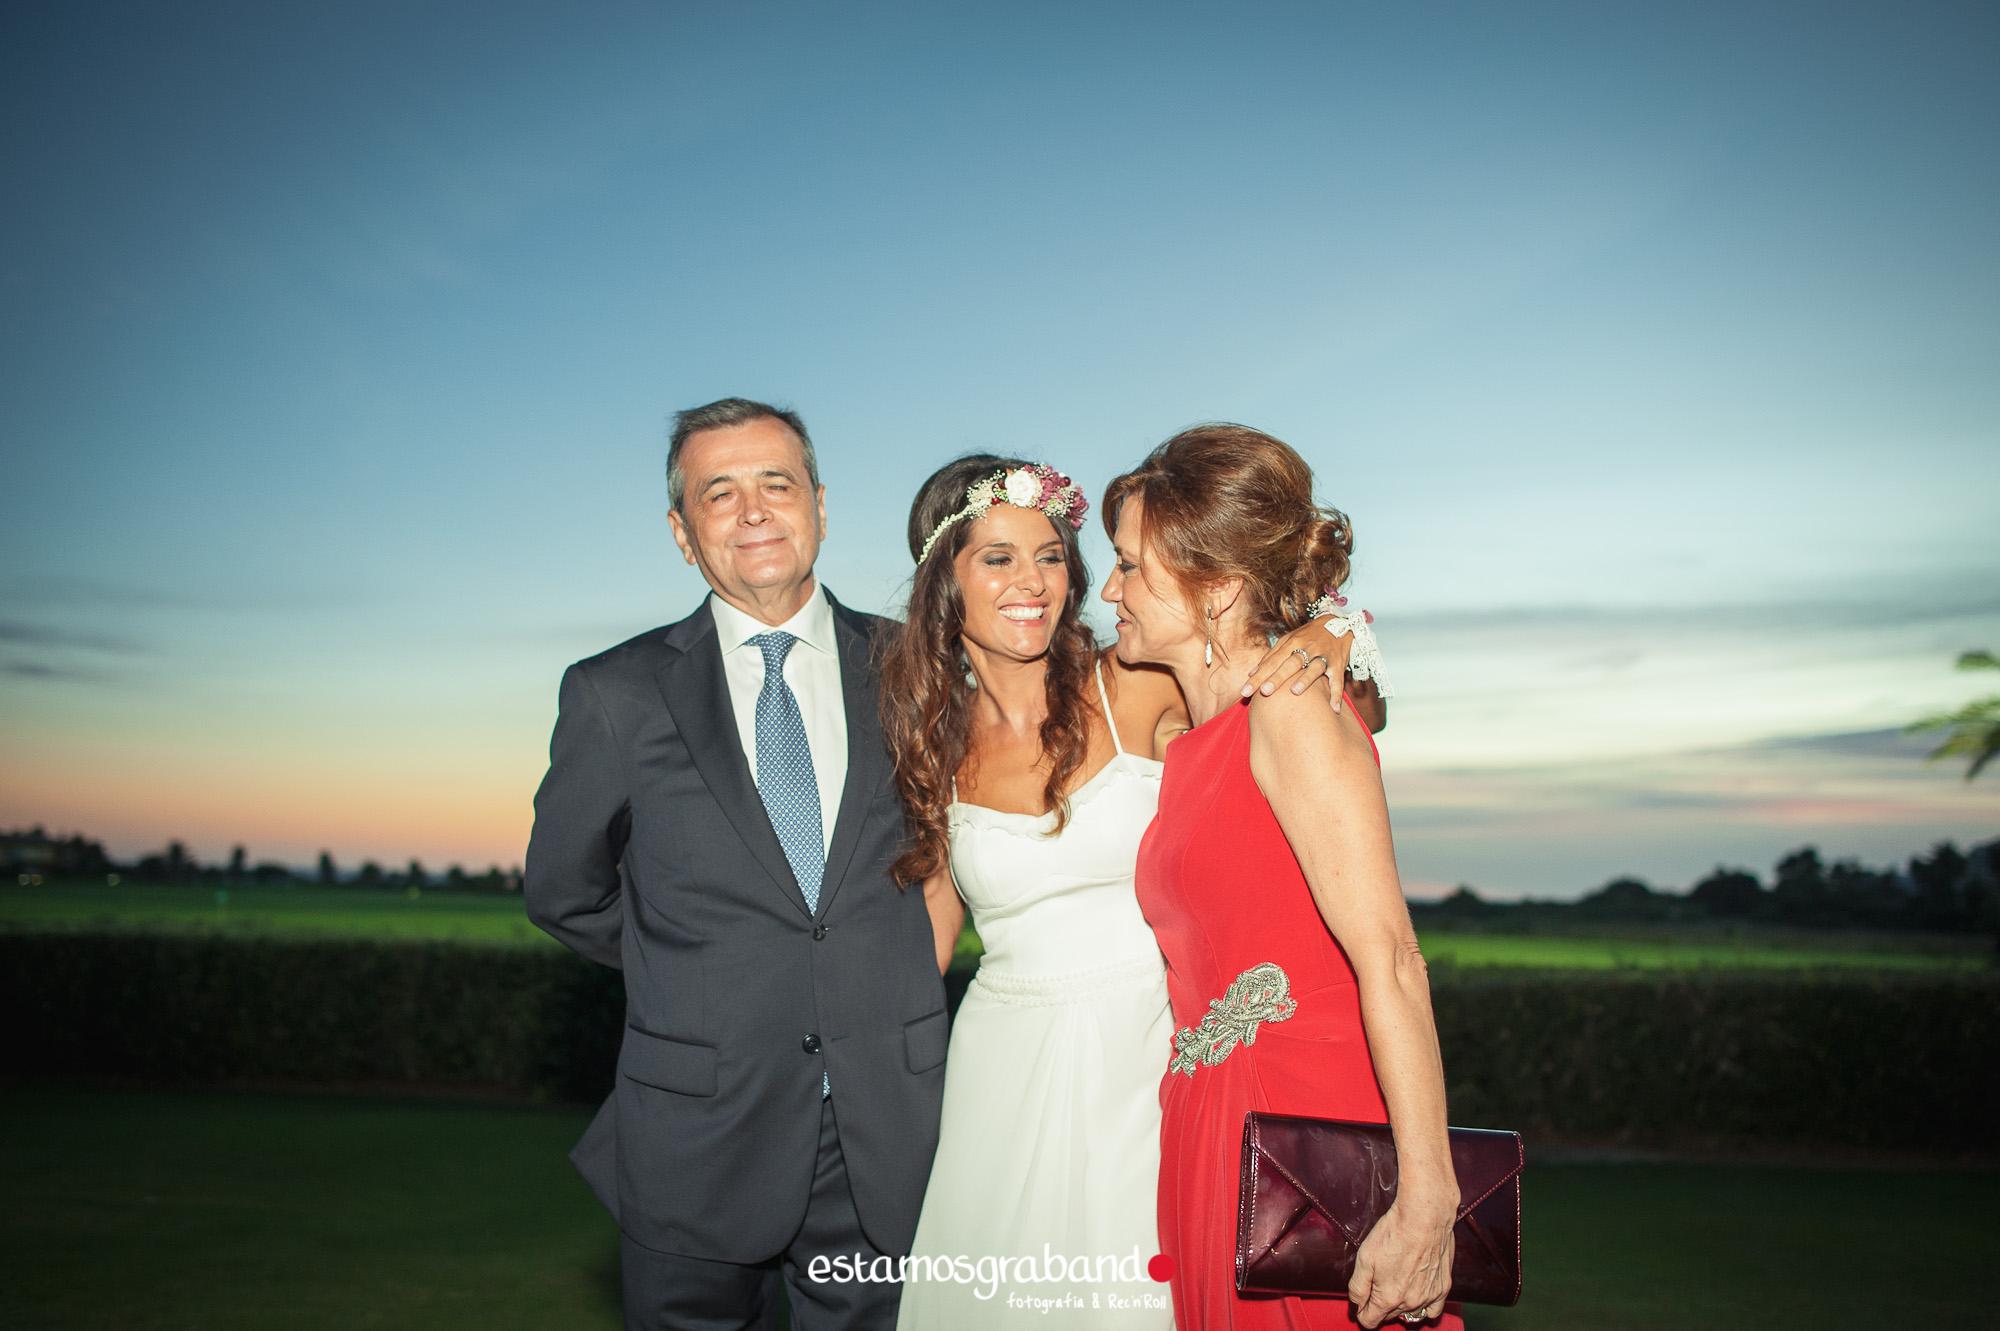 LARA-Y-MIGUE-BACK-TO-DE-THE-WEDDING-17-2 Los invitados de Lara & Migue [Back to the wedding_Club de Golf Costa Ballena] - video boda cadiz